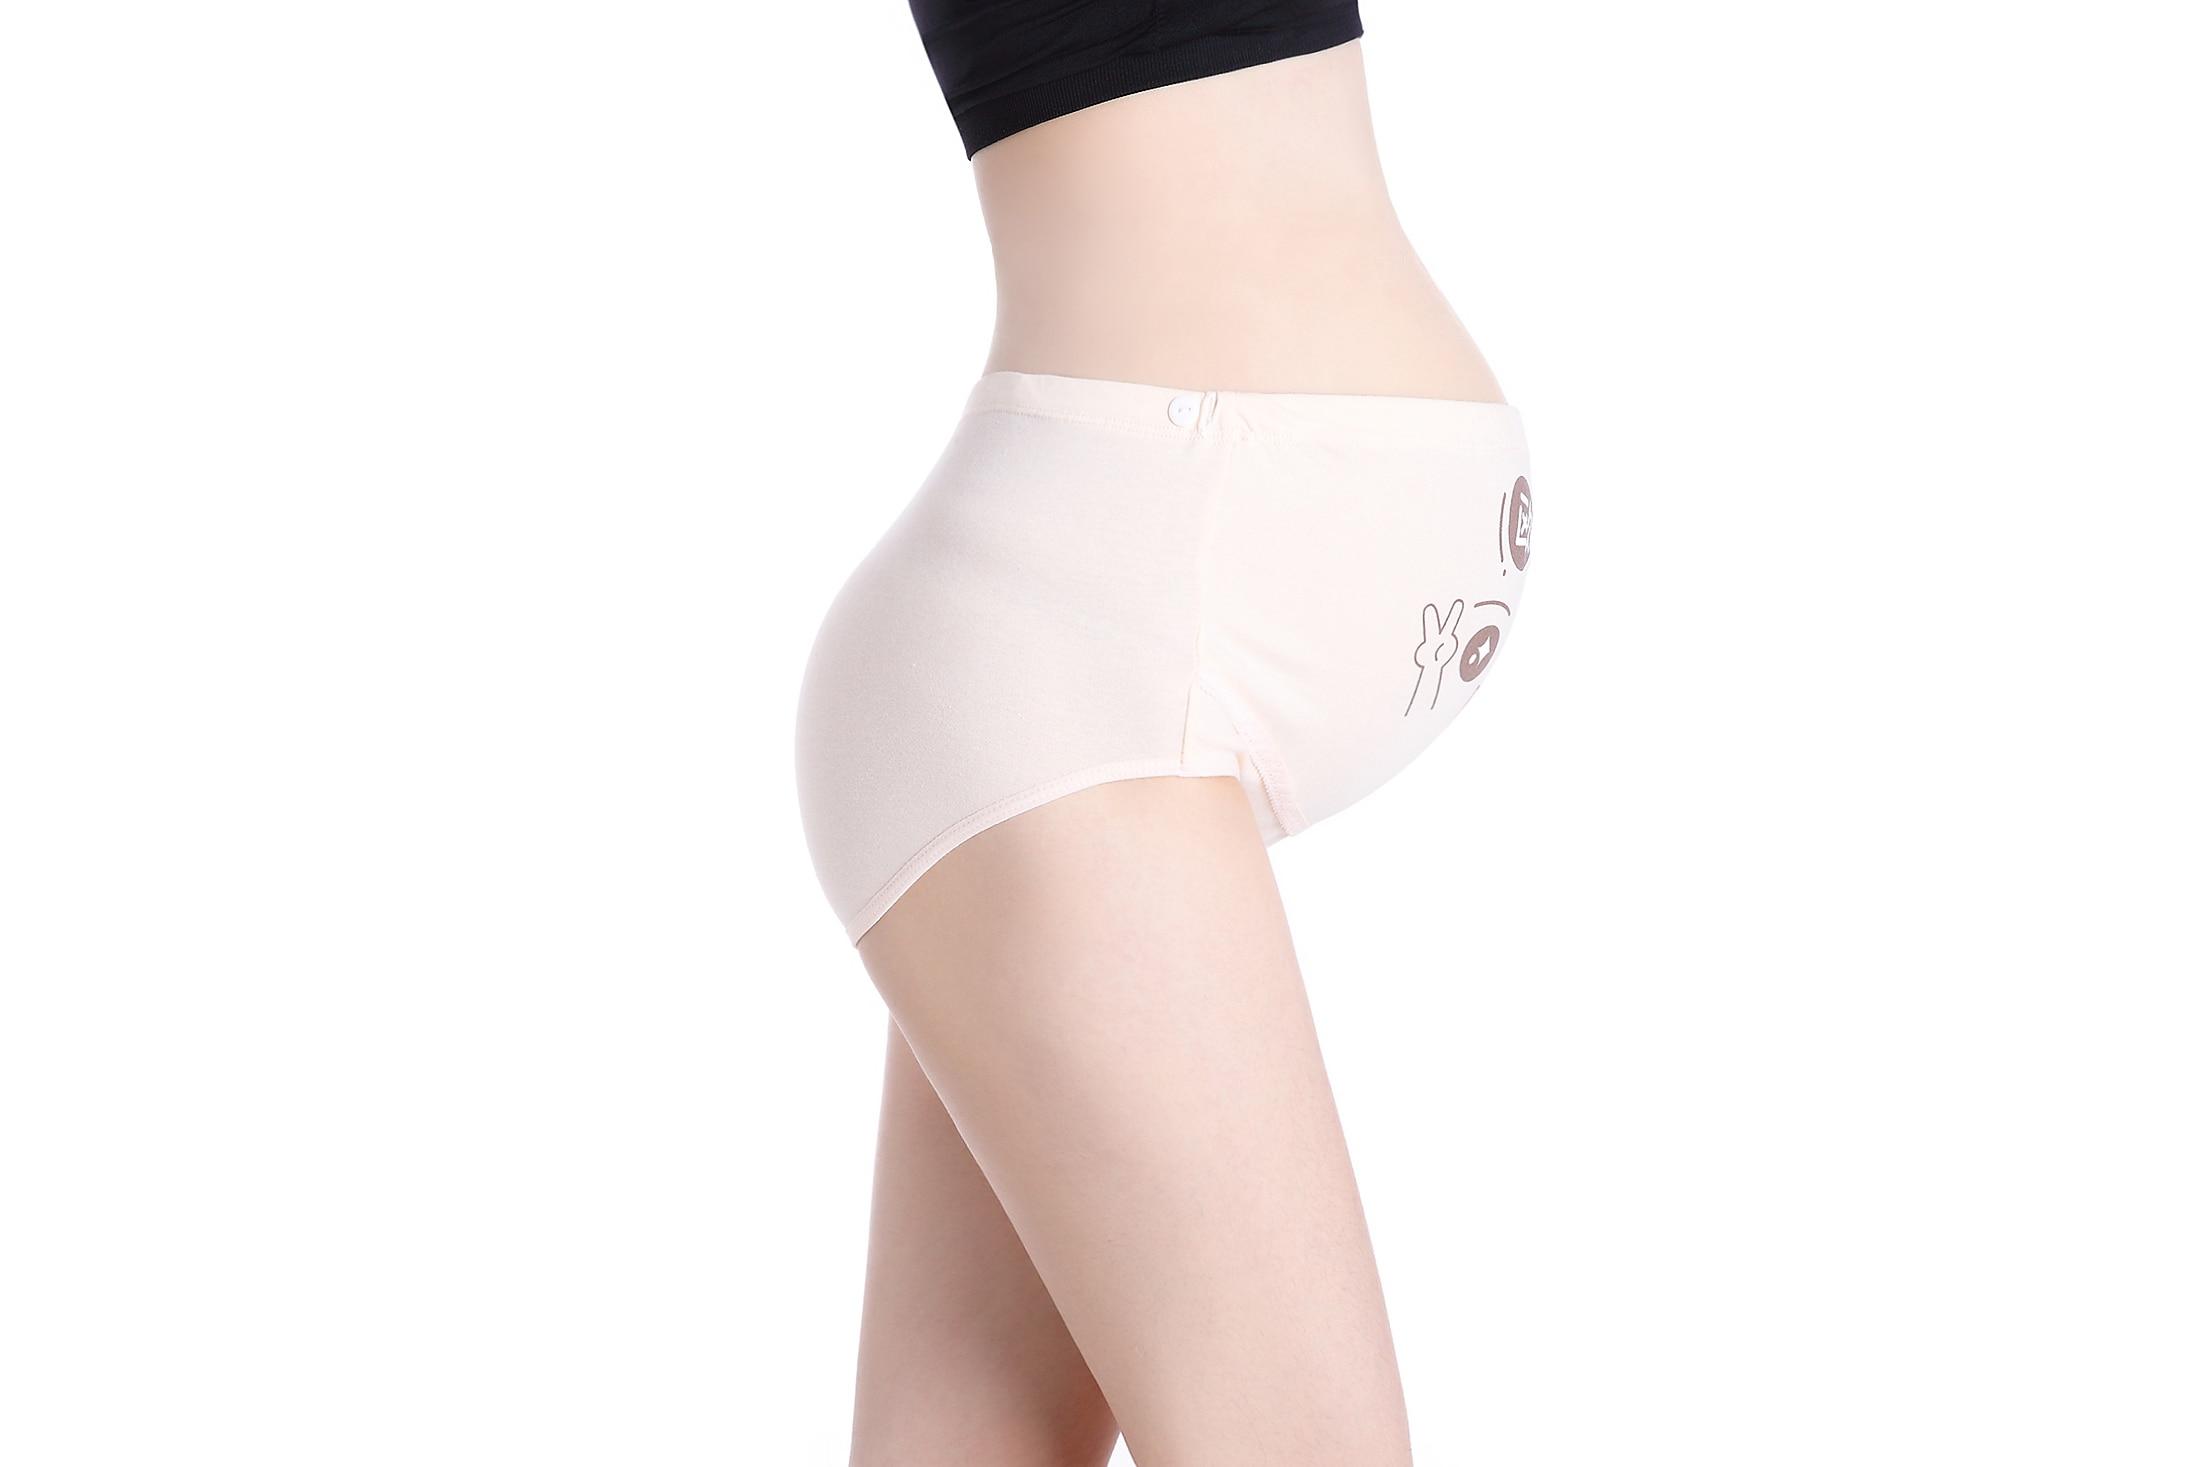 Беременность материнство одежда шорты мультфильм женщин хлопок беременных Высокая талия трусы нижнее белье для беременных